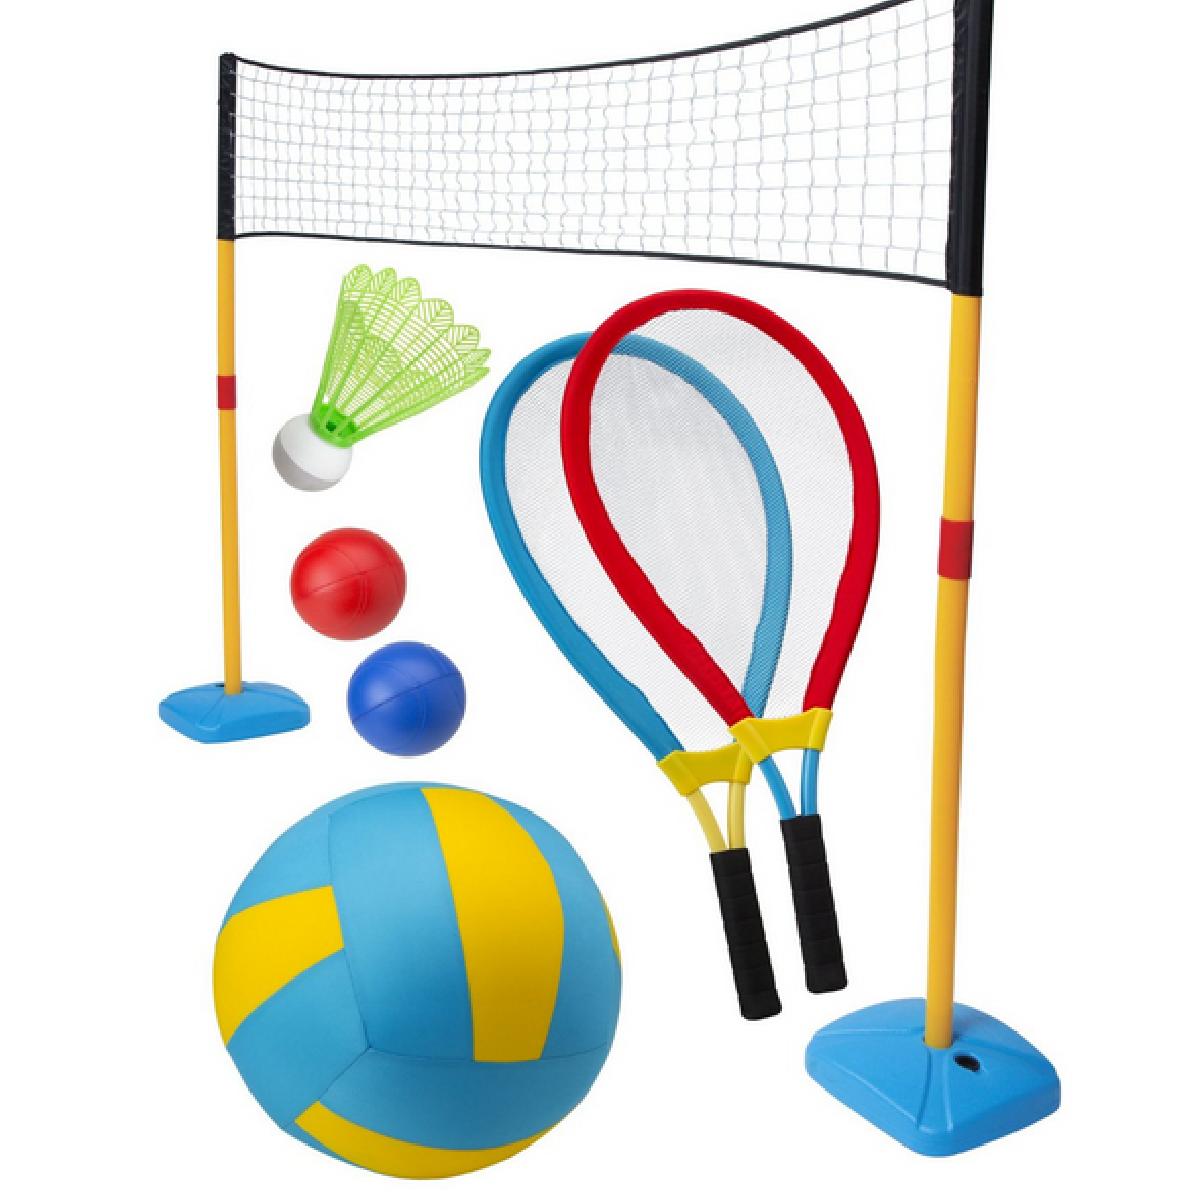 Un filet, des balles et des raquettes pour s'amuser partout.